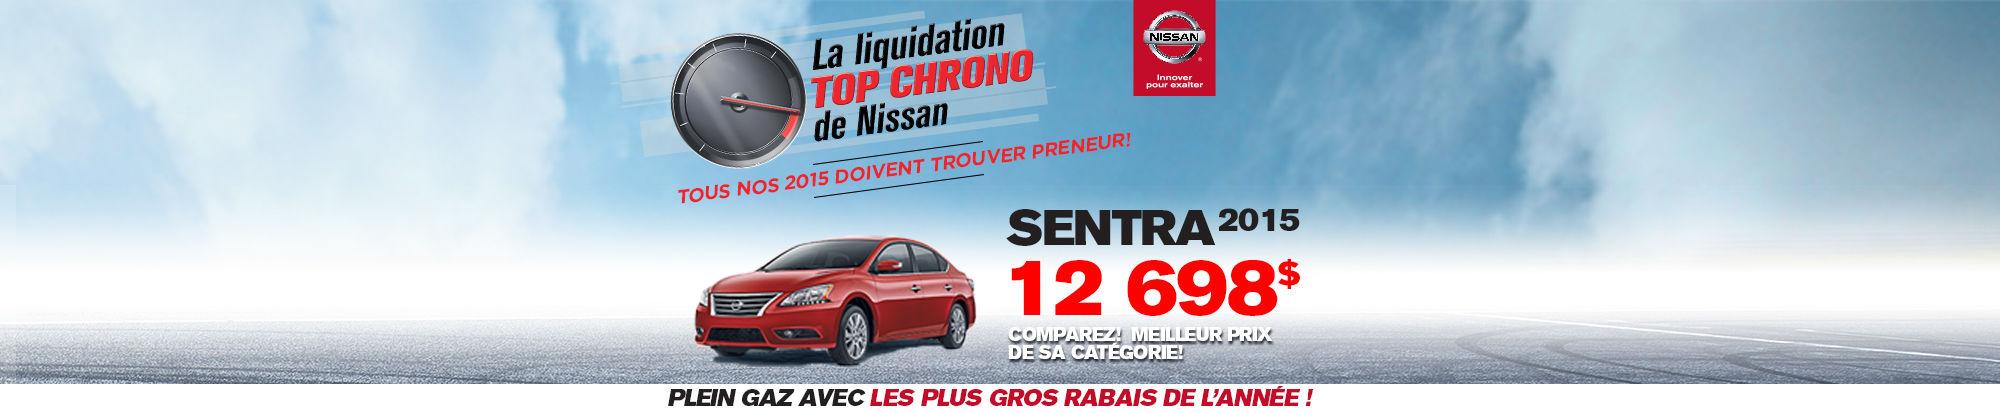 Cette semaine c'est la Liquidation TOP CHRONO chez NISSAN DRUMMONDVILLE - sentra